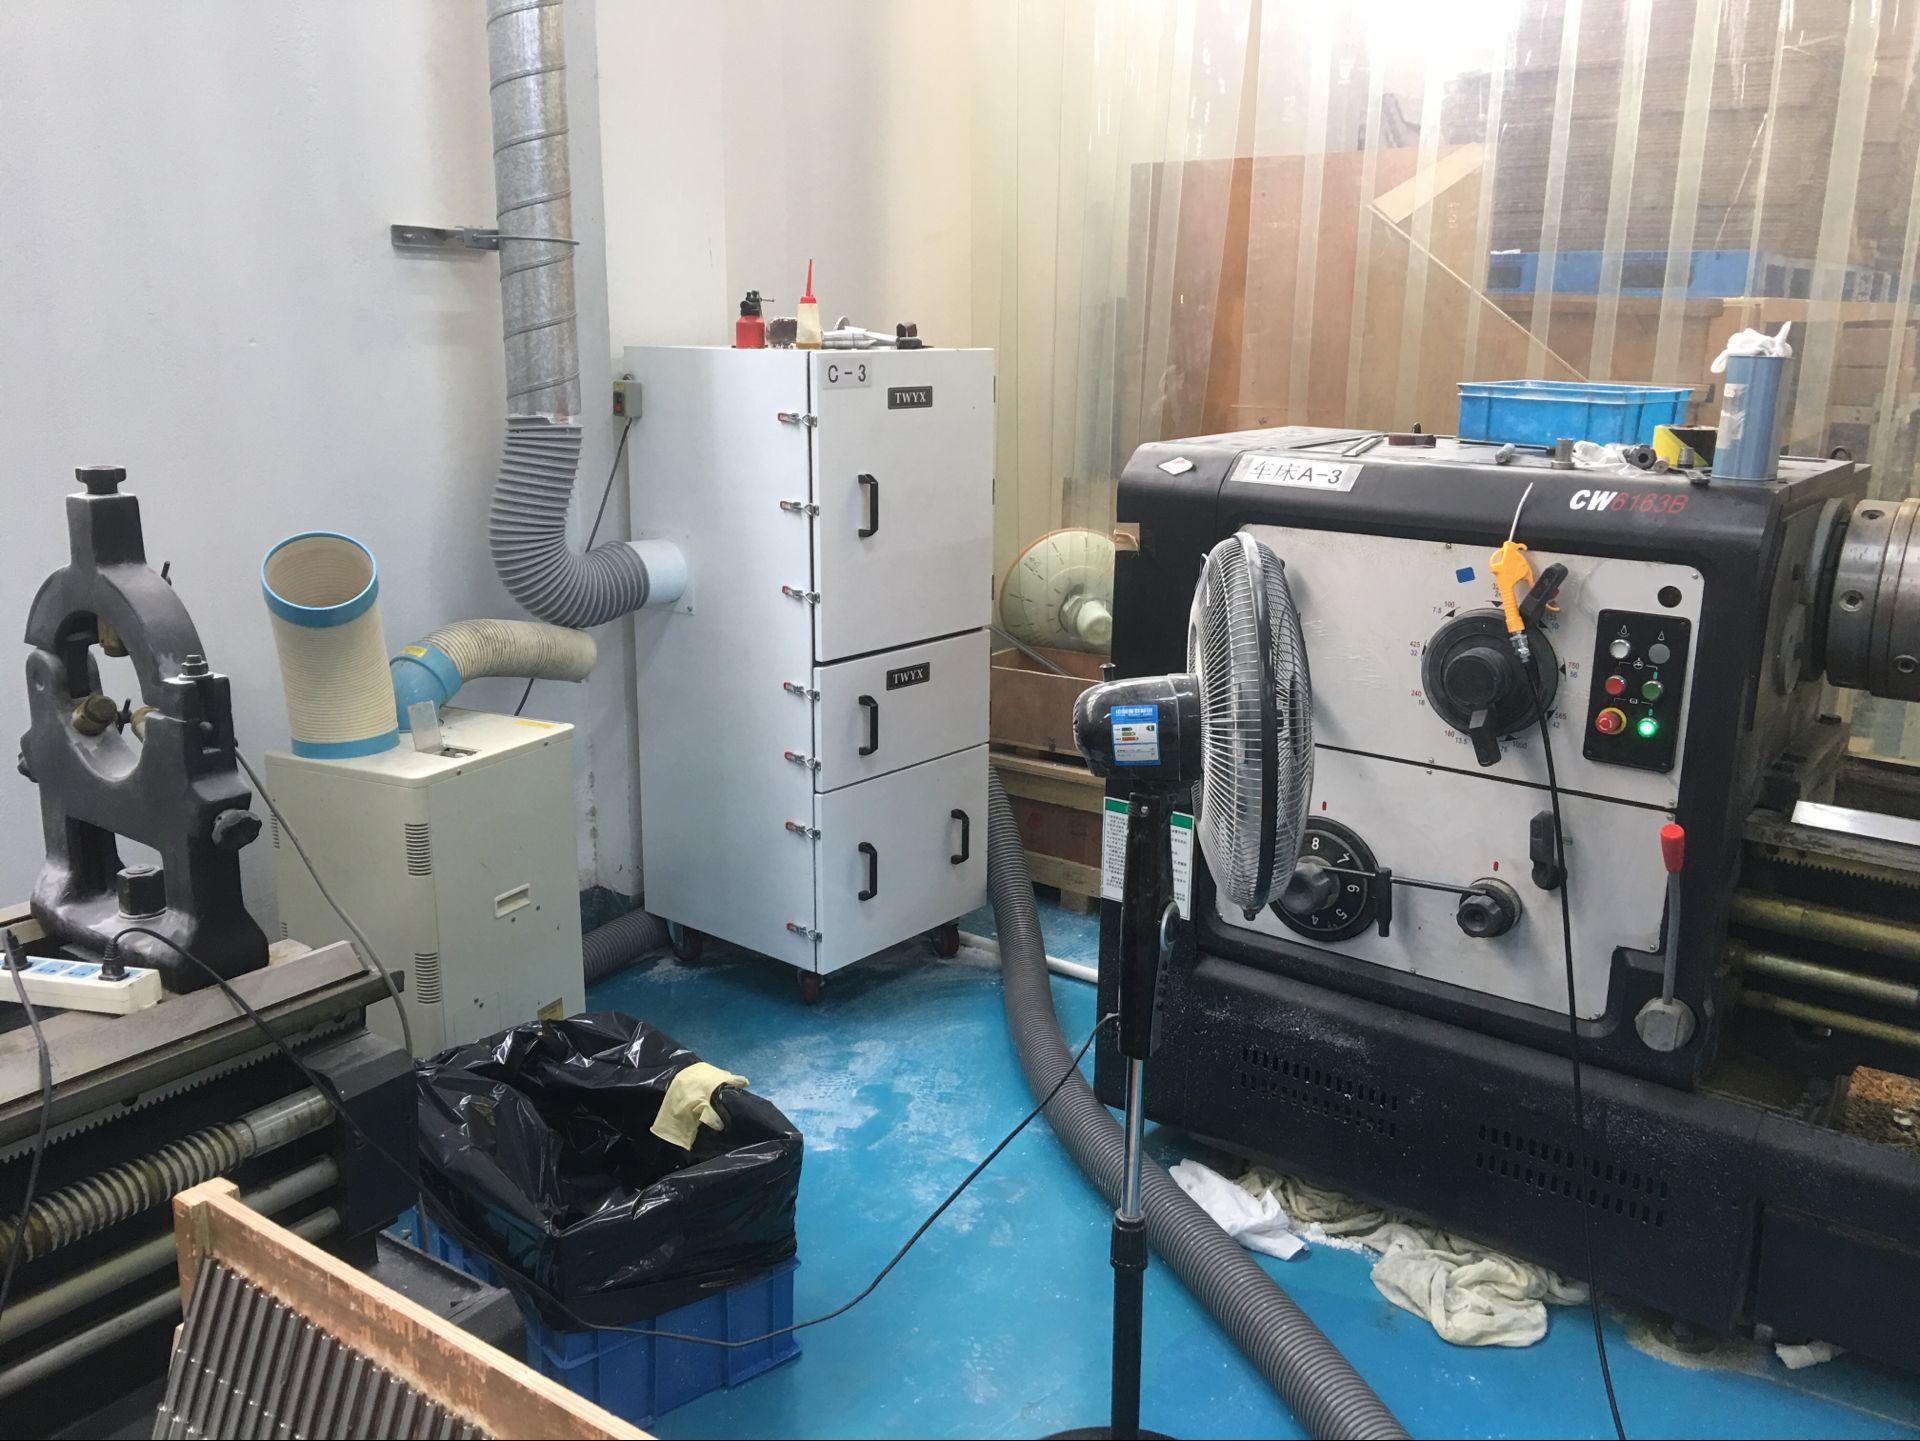 厂家磨床吸尘器  0.75kw磨床粉尘除尘器  JC-750-2砂轮机打磨集尘器   机床铝屑粉尘吸尘器移动式示例图8